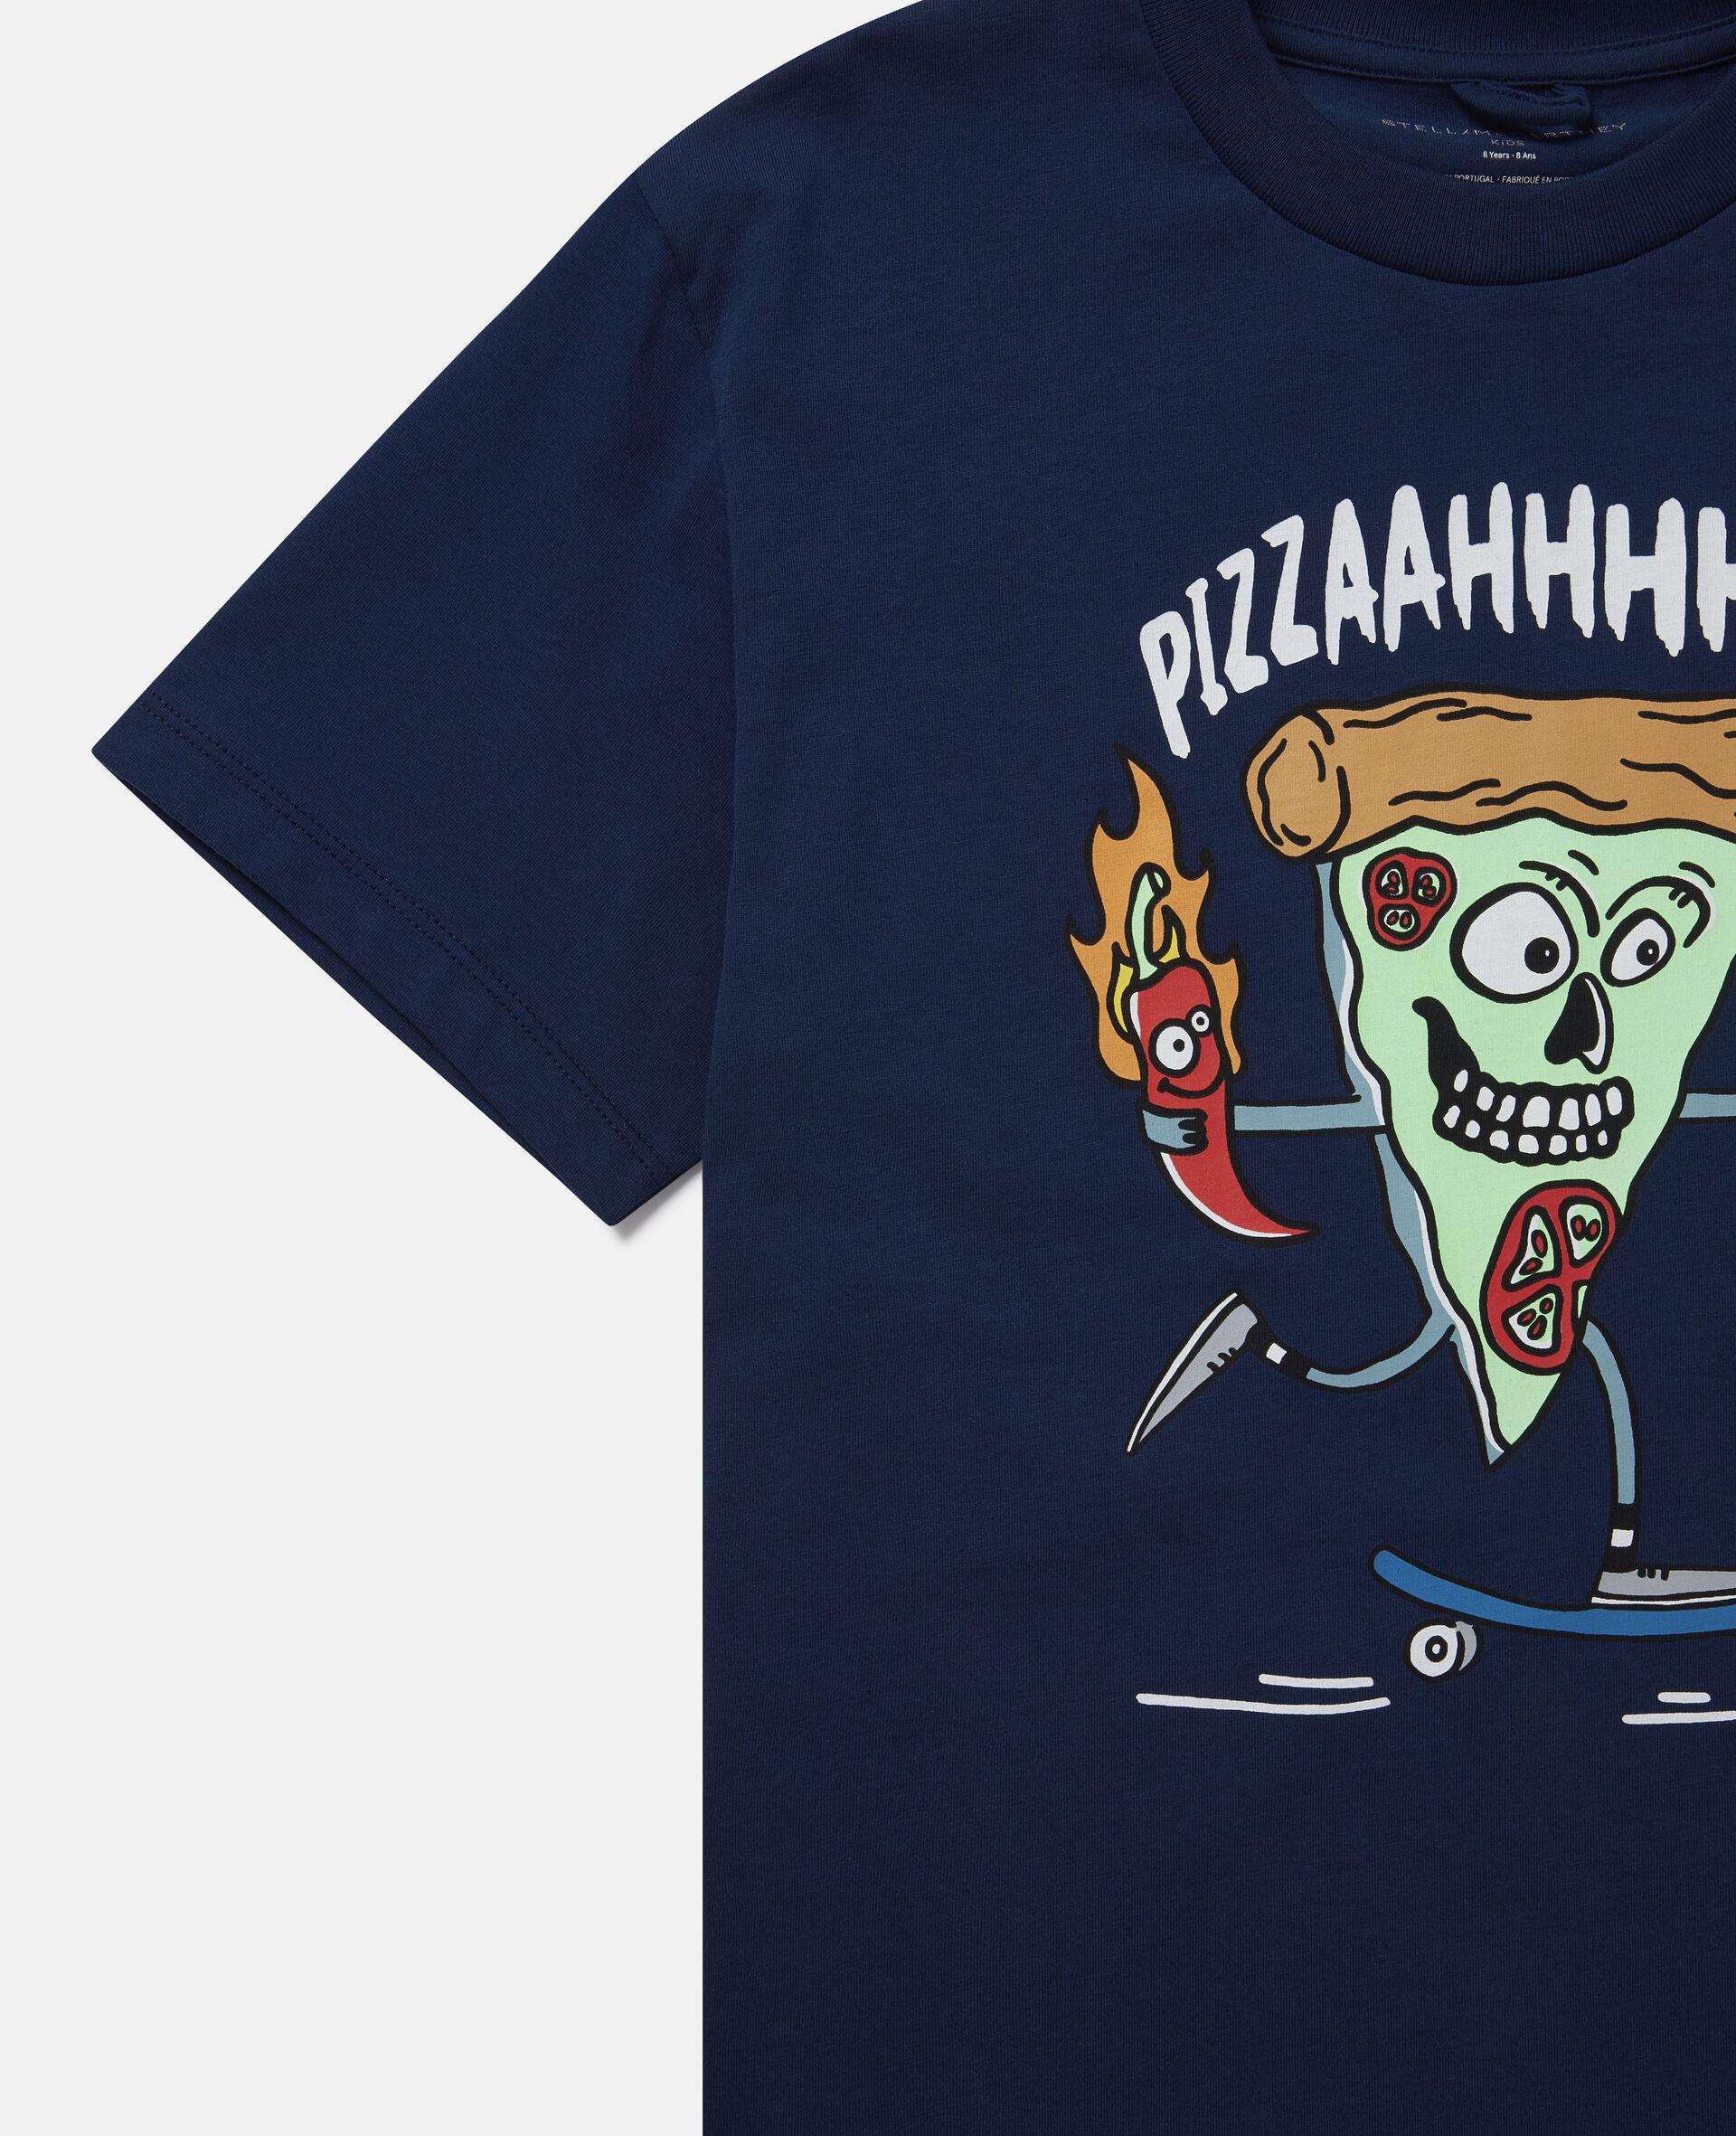 披萨滑板运动员印花超大号T恤-蓝色-large image number 2